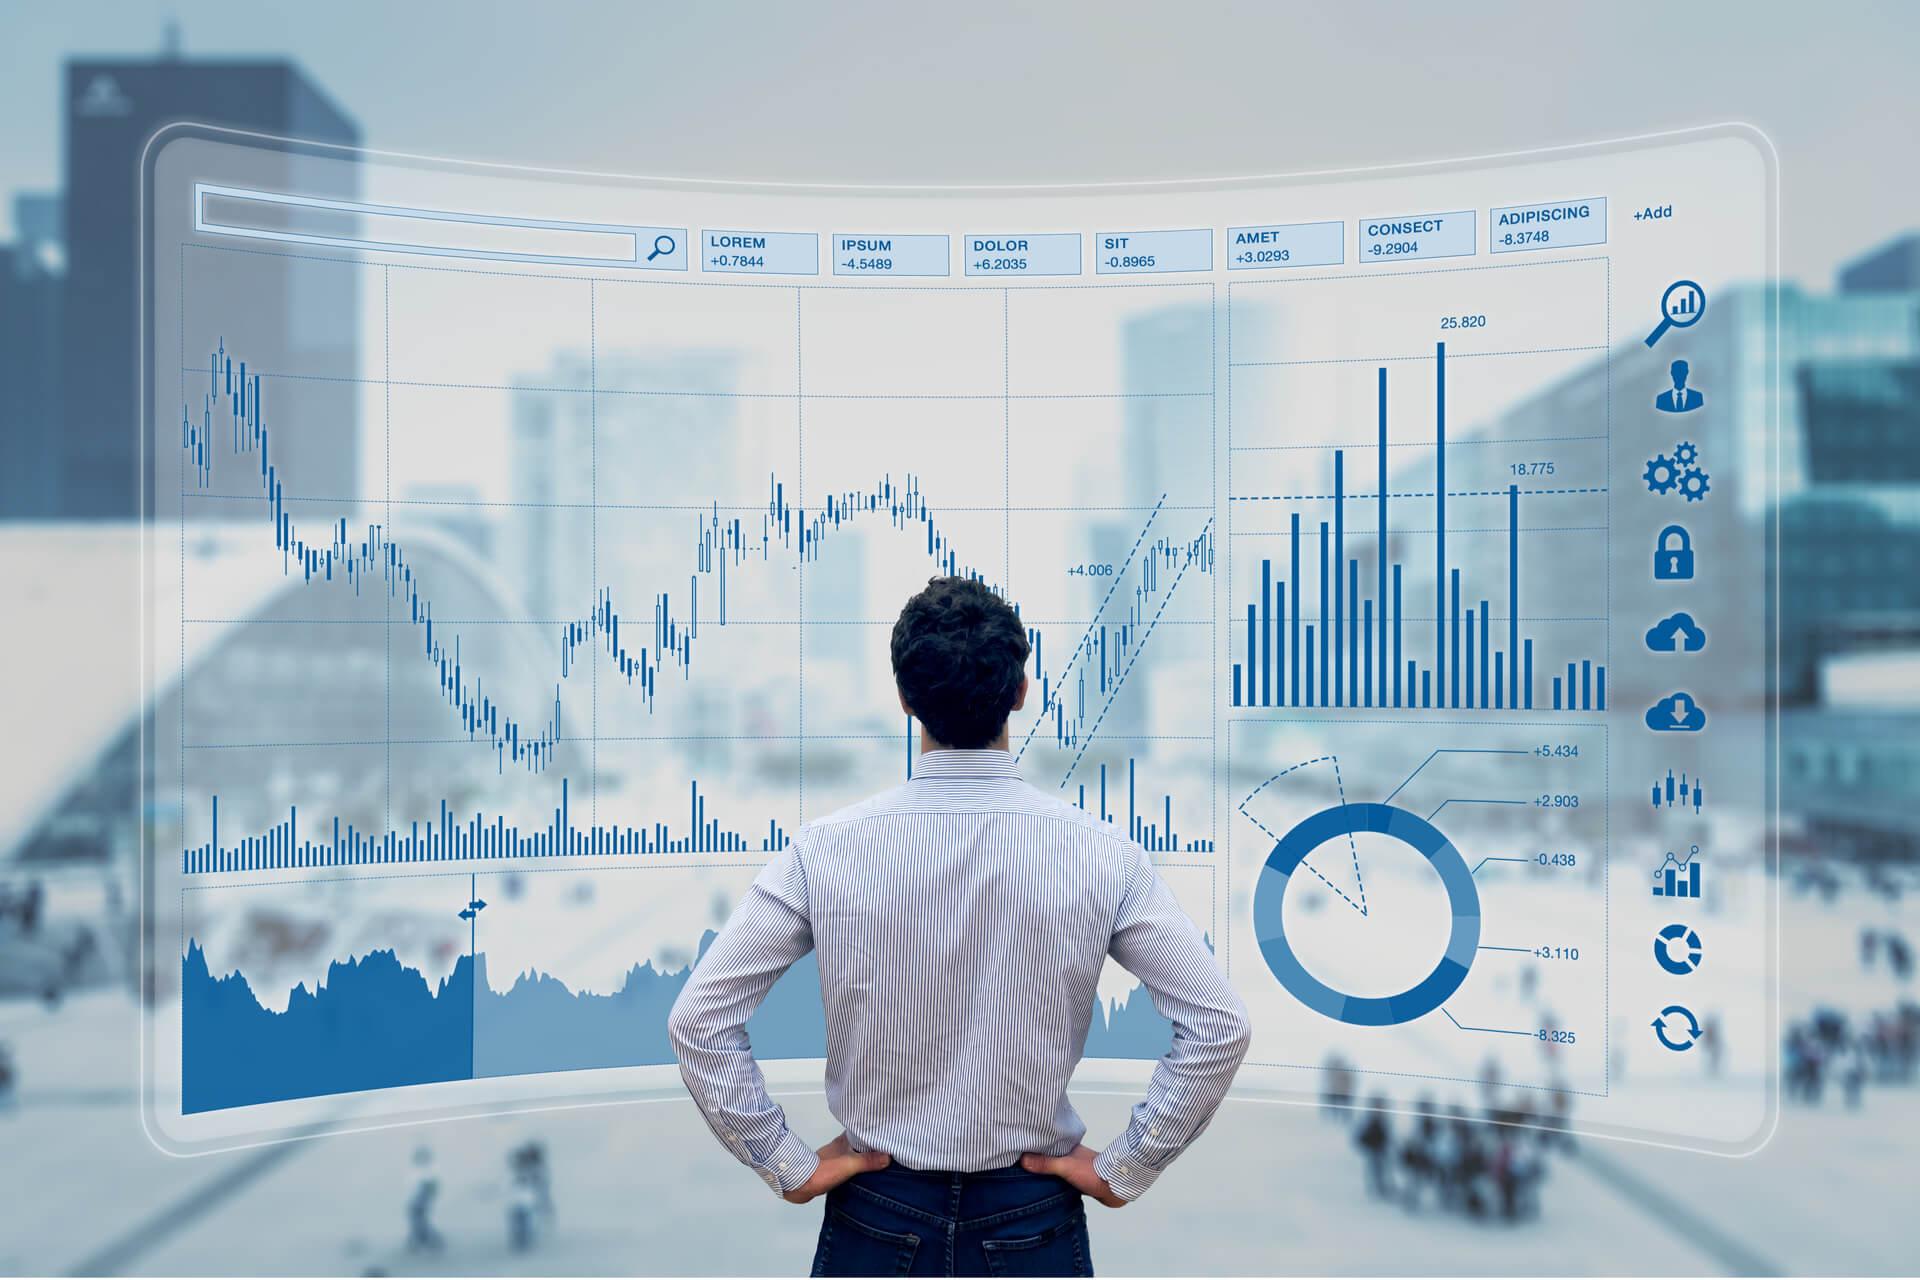 Finanziamenti chirografari per liquidità - finanziamenti aziendali brescia